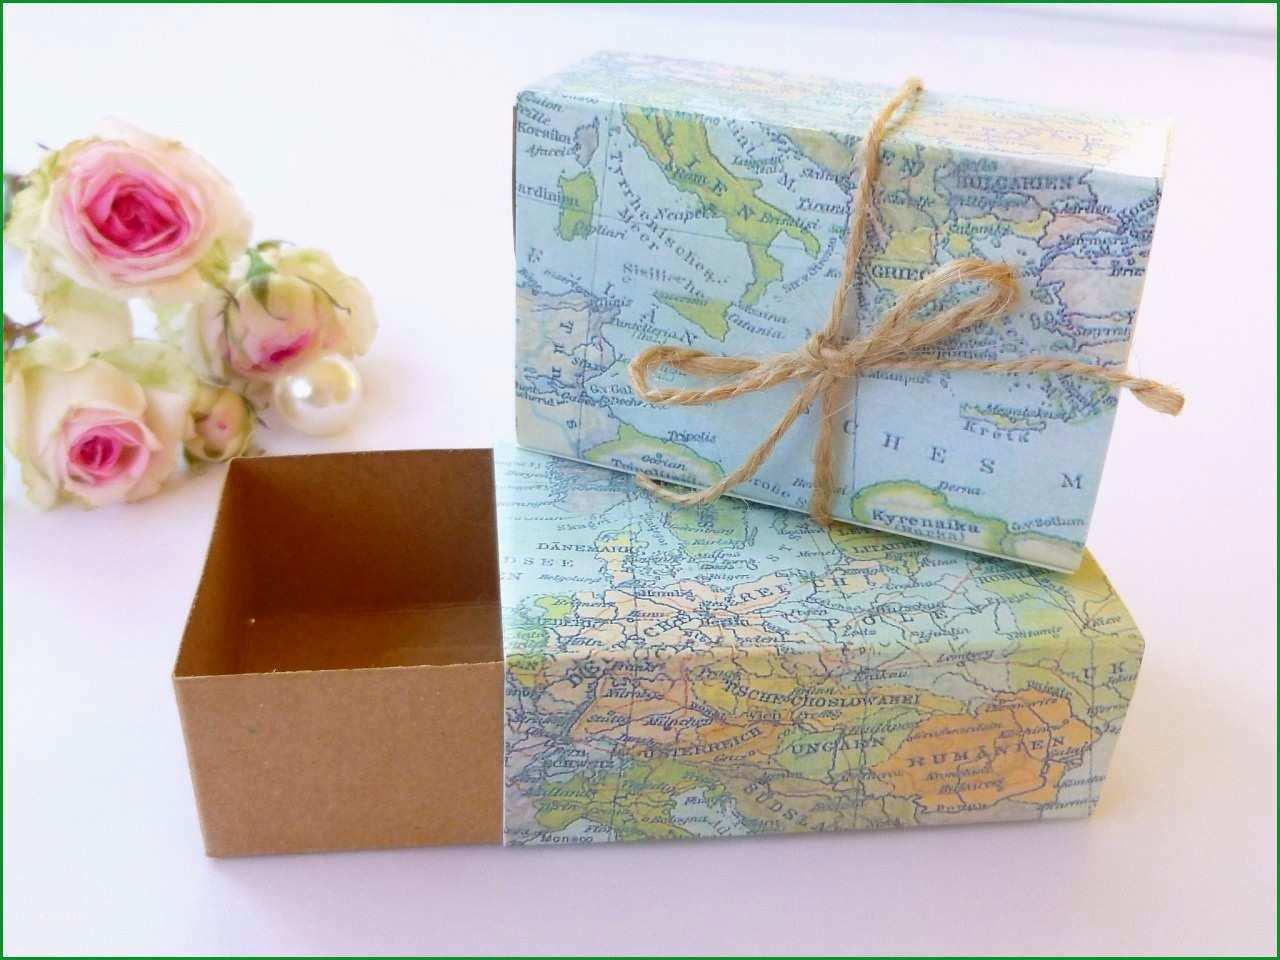 geschenkverpackung basteln vorlage ideen weihnachtsdeko basteln aus papier anleitung william dresden